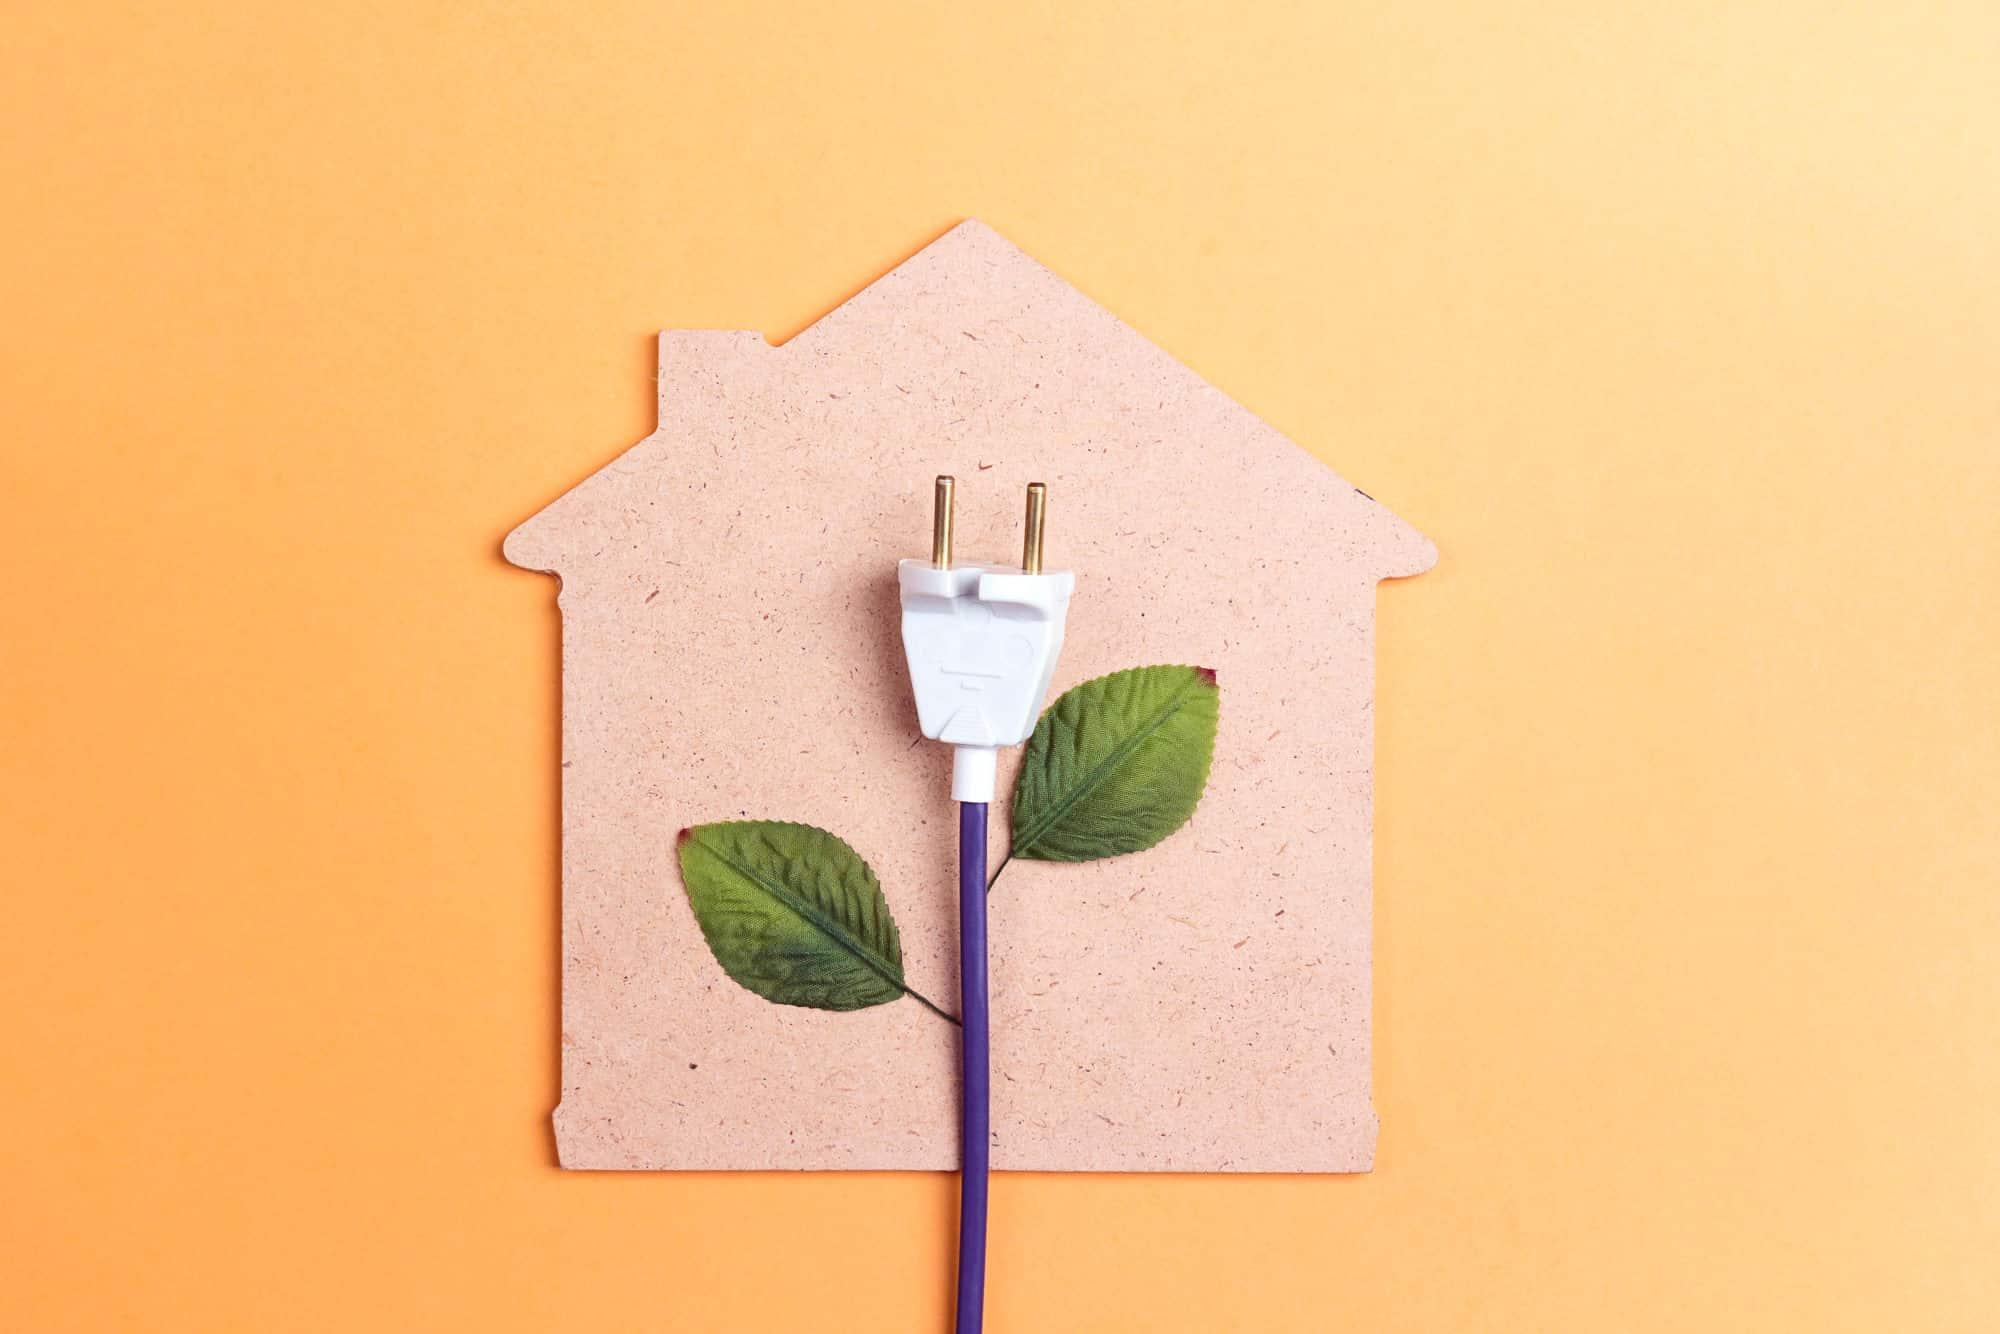 Comment réduire les émissions de CO2 de mon habitation ?